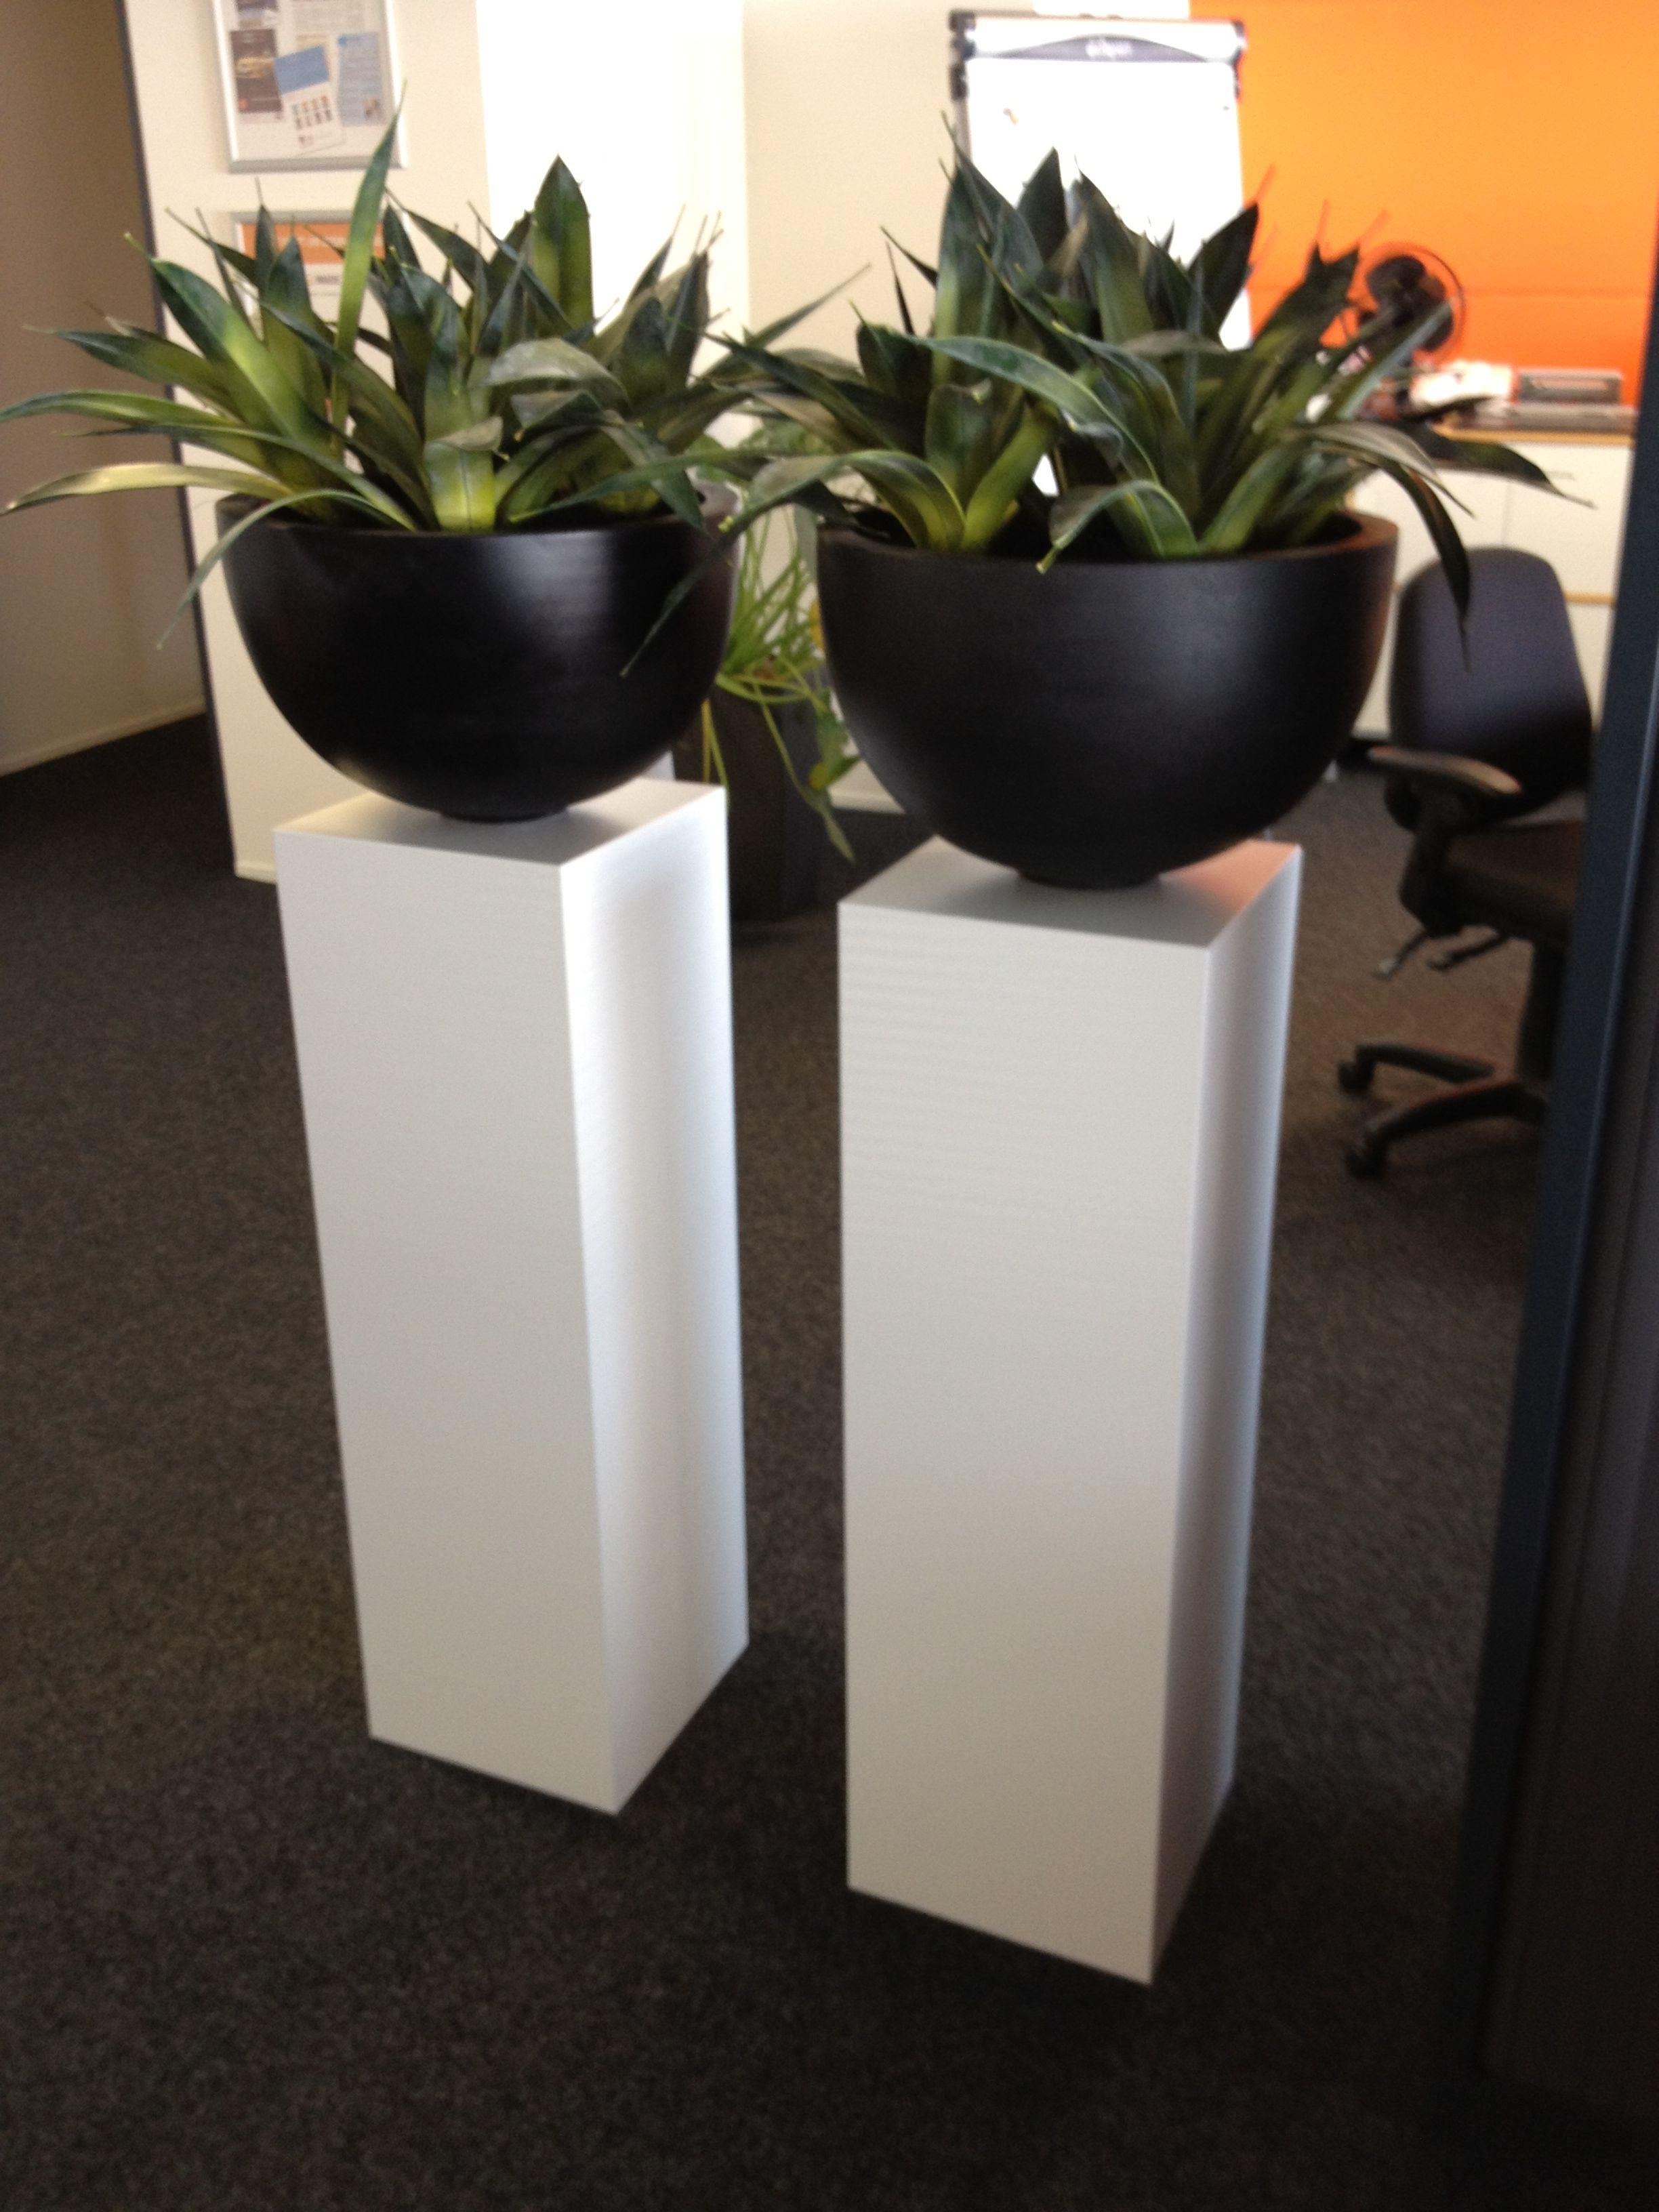 Sokkels zuilen wit MDF op kantoor